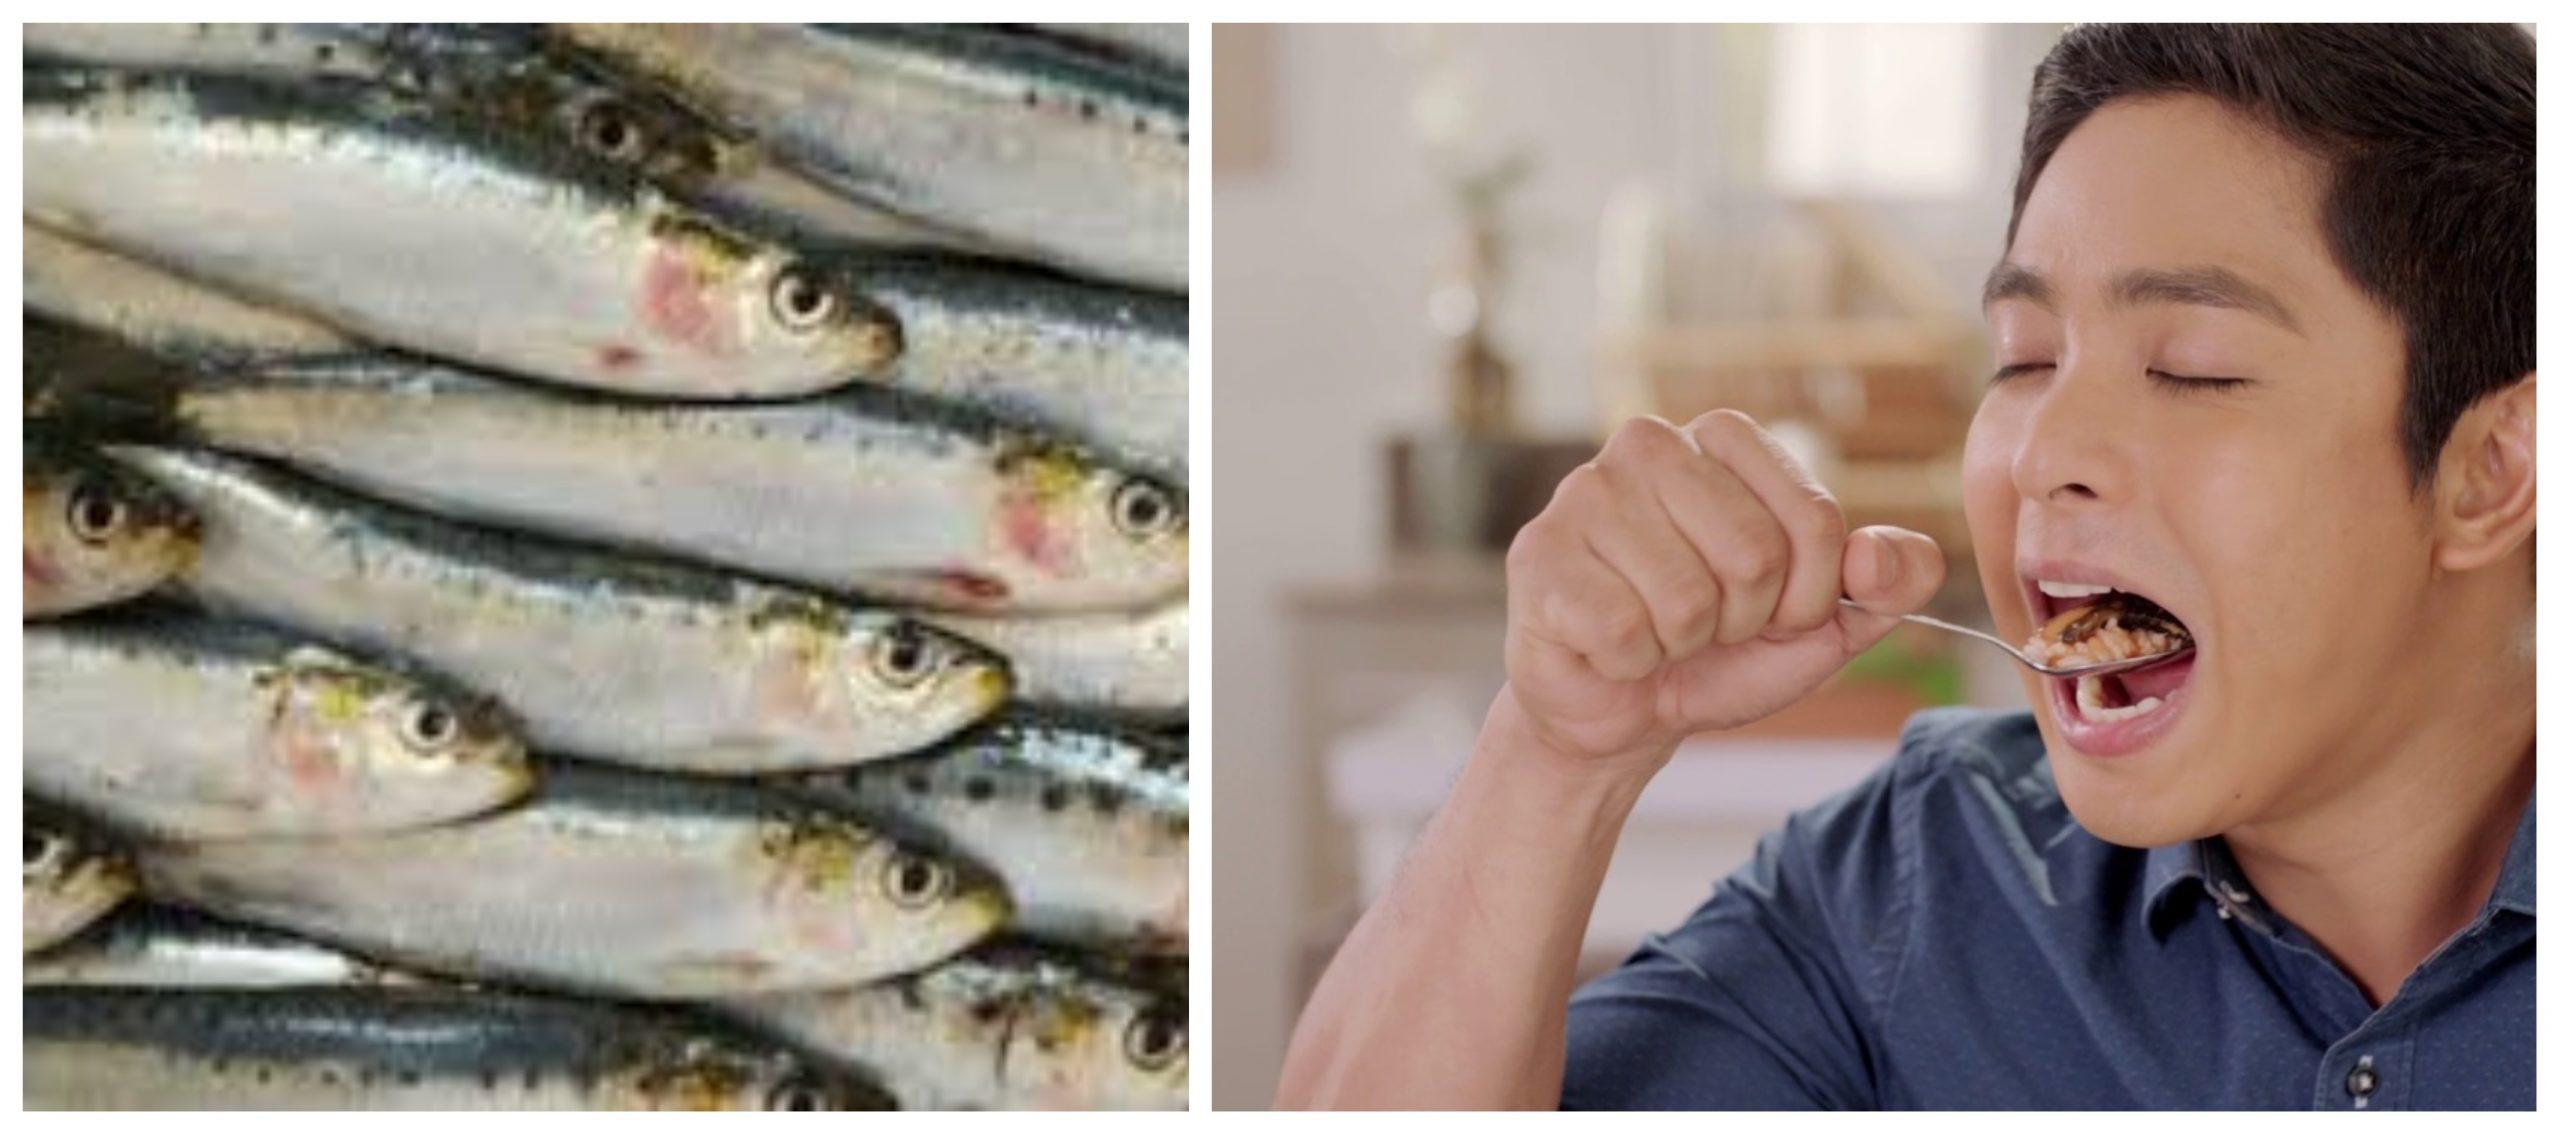 5 فوائد صحية ممتاز لتناول أسماك السردين